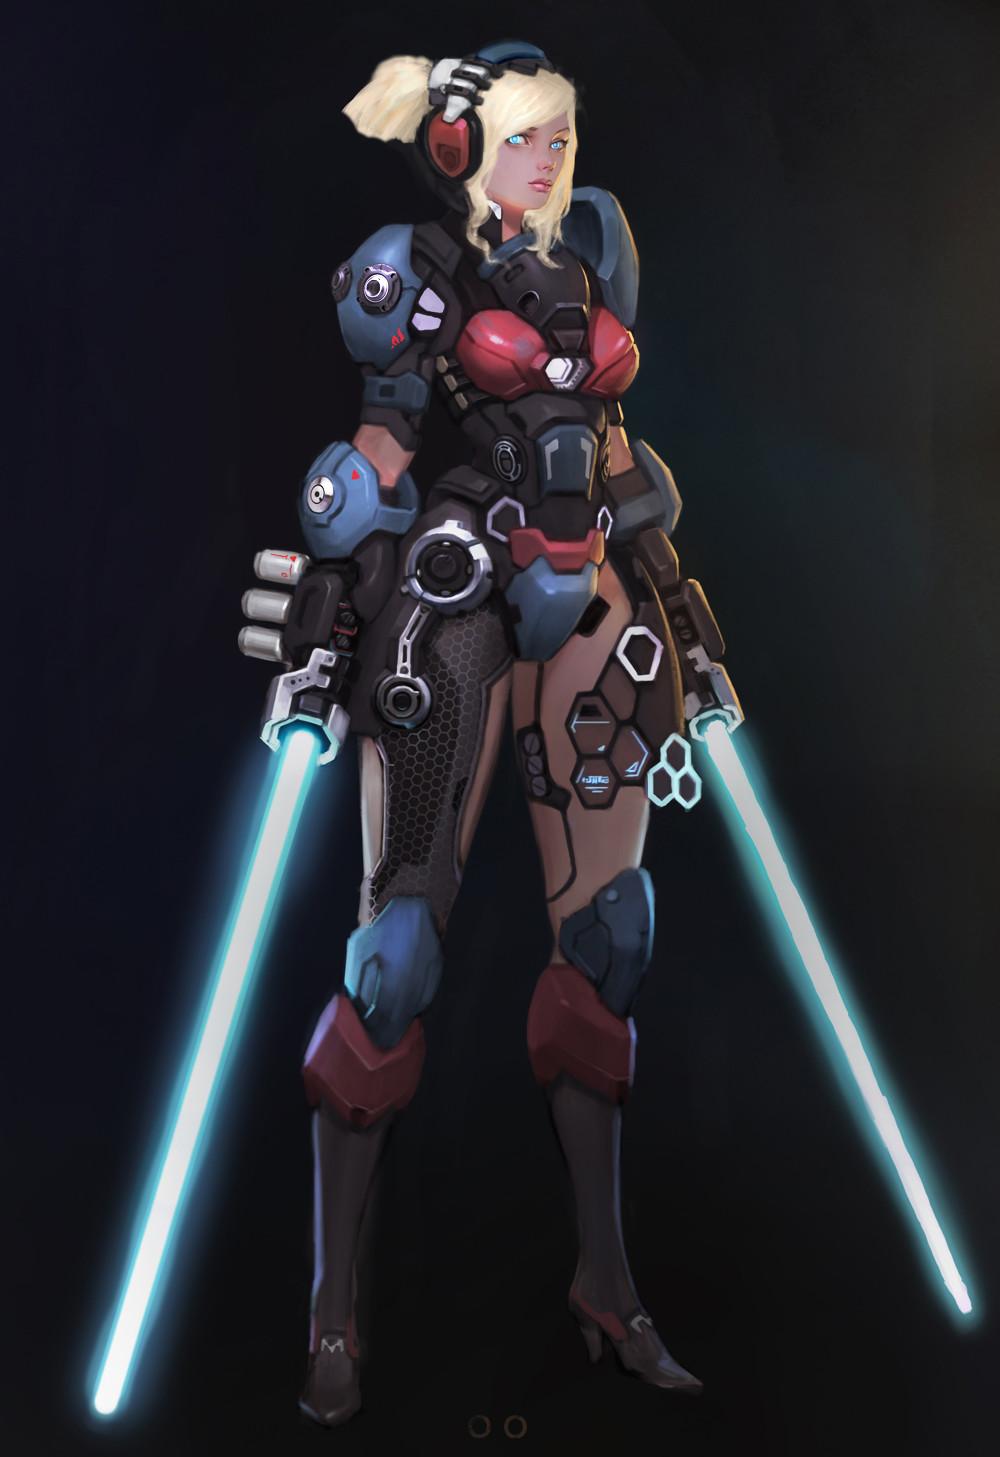 Joo cyborg02 s